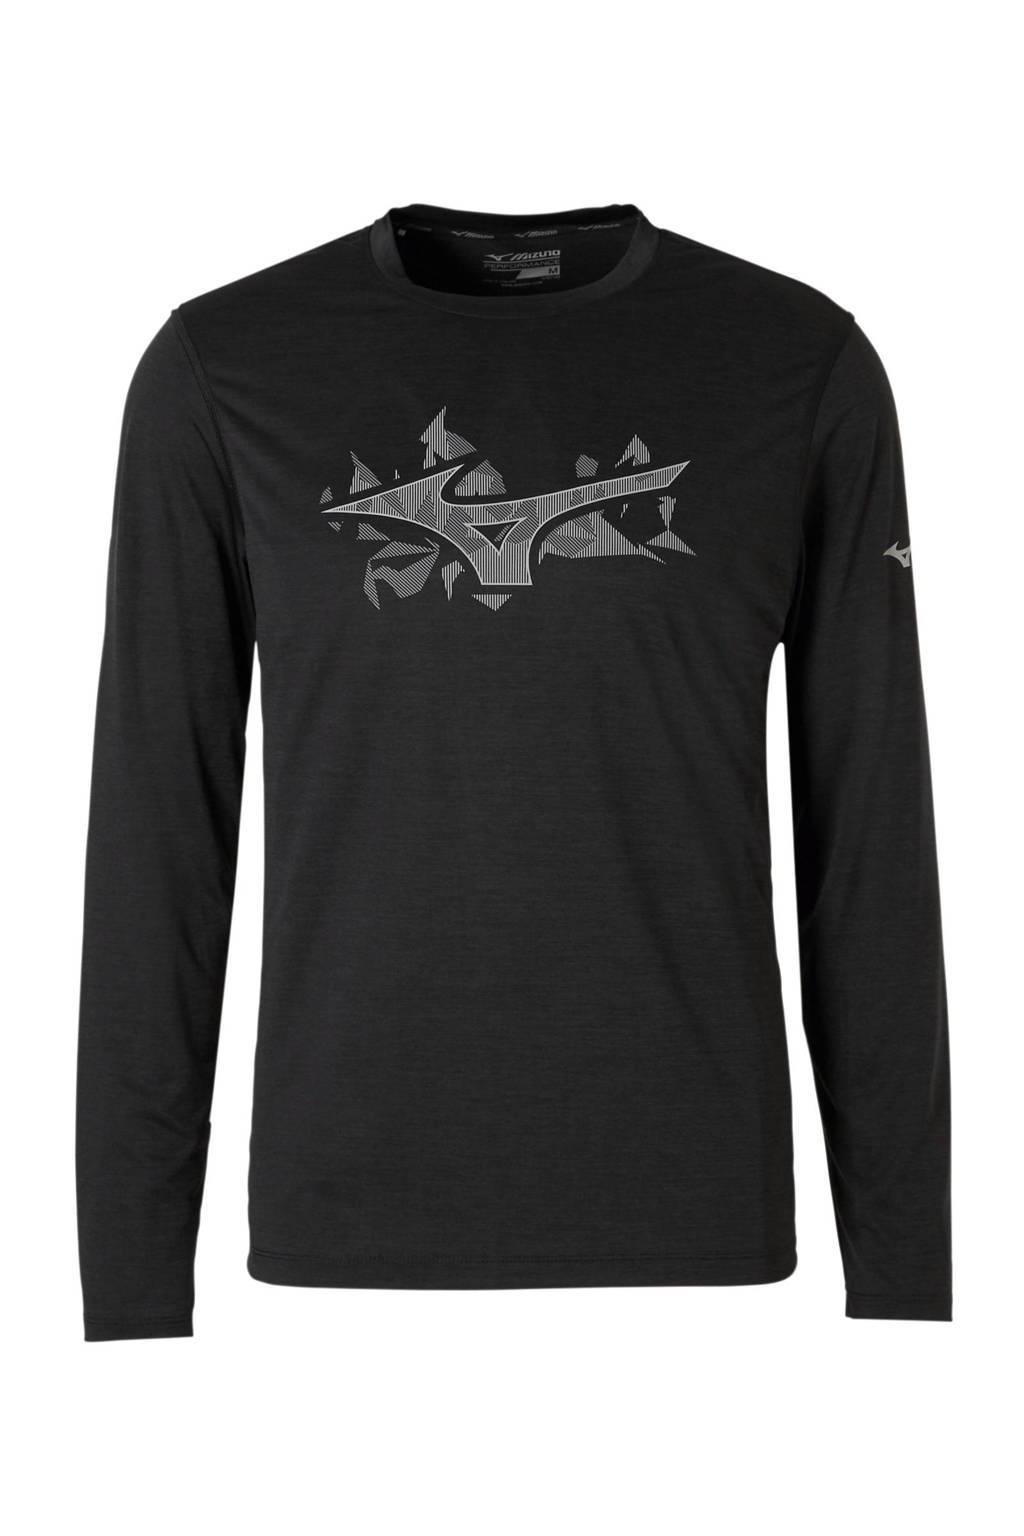 Mizuno   sport T-shirt zwart, Zwart